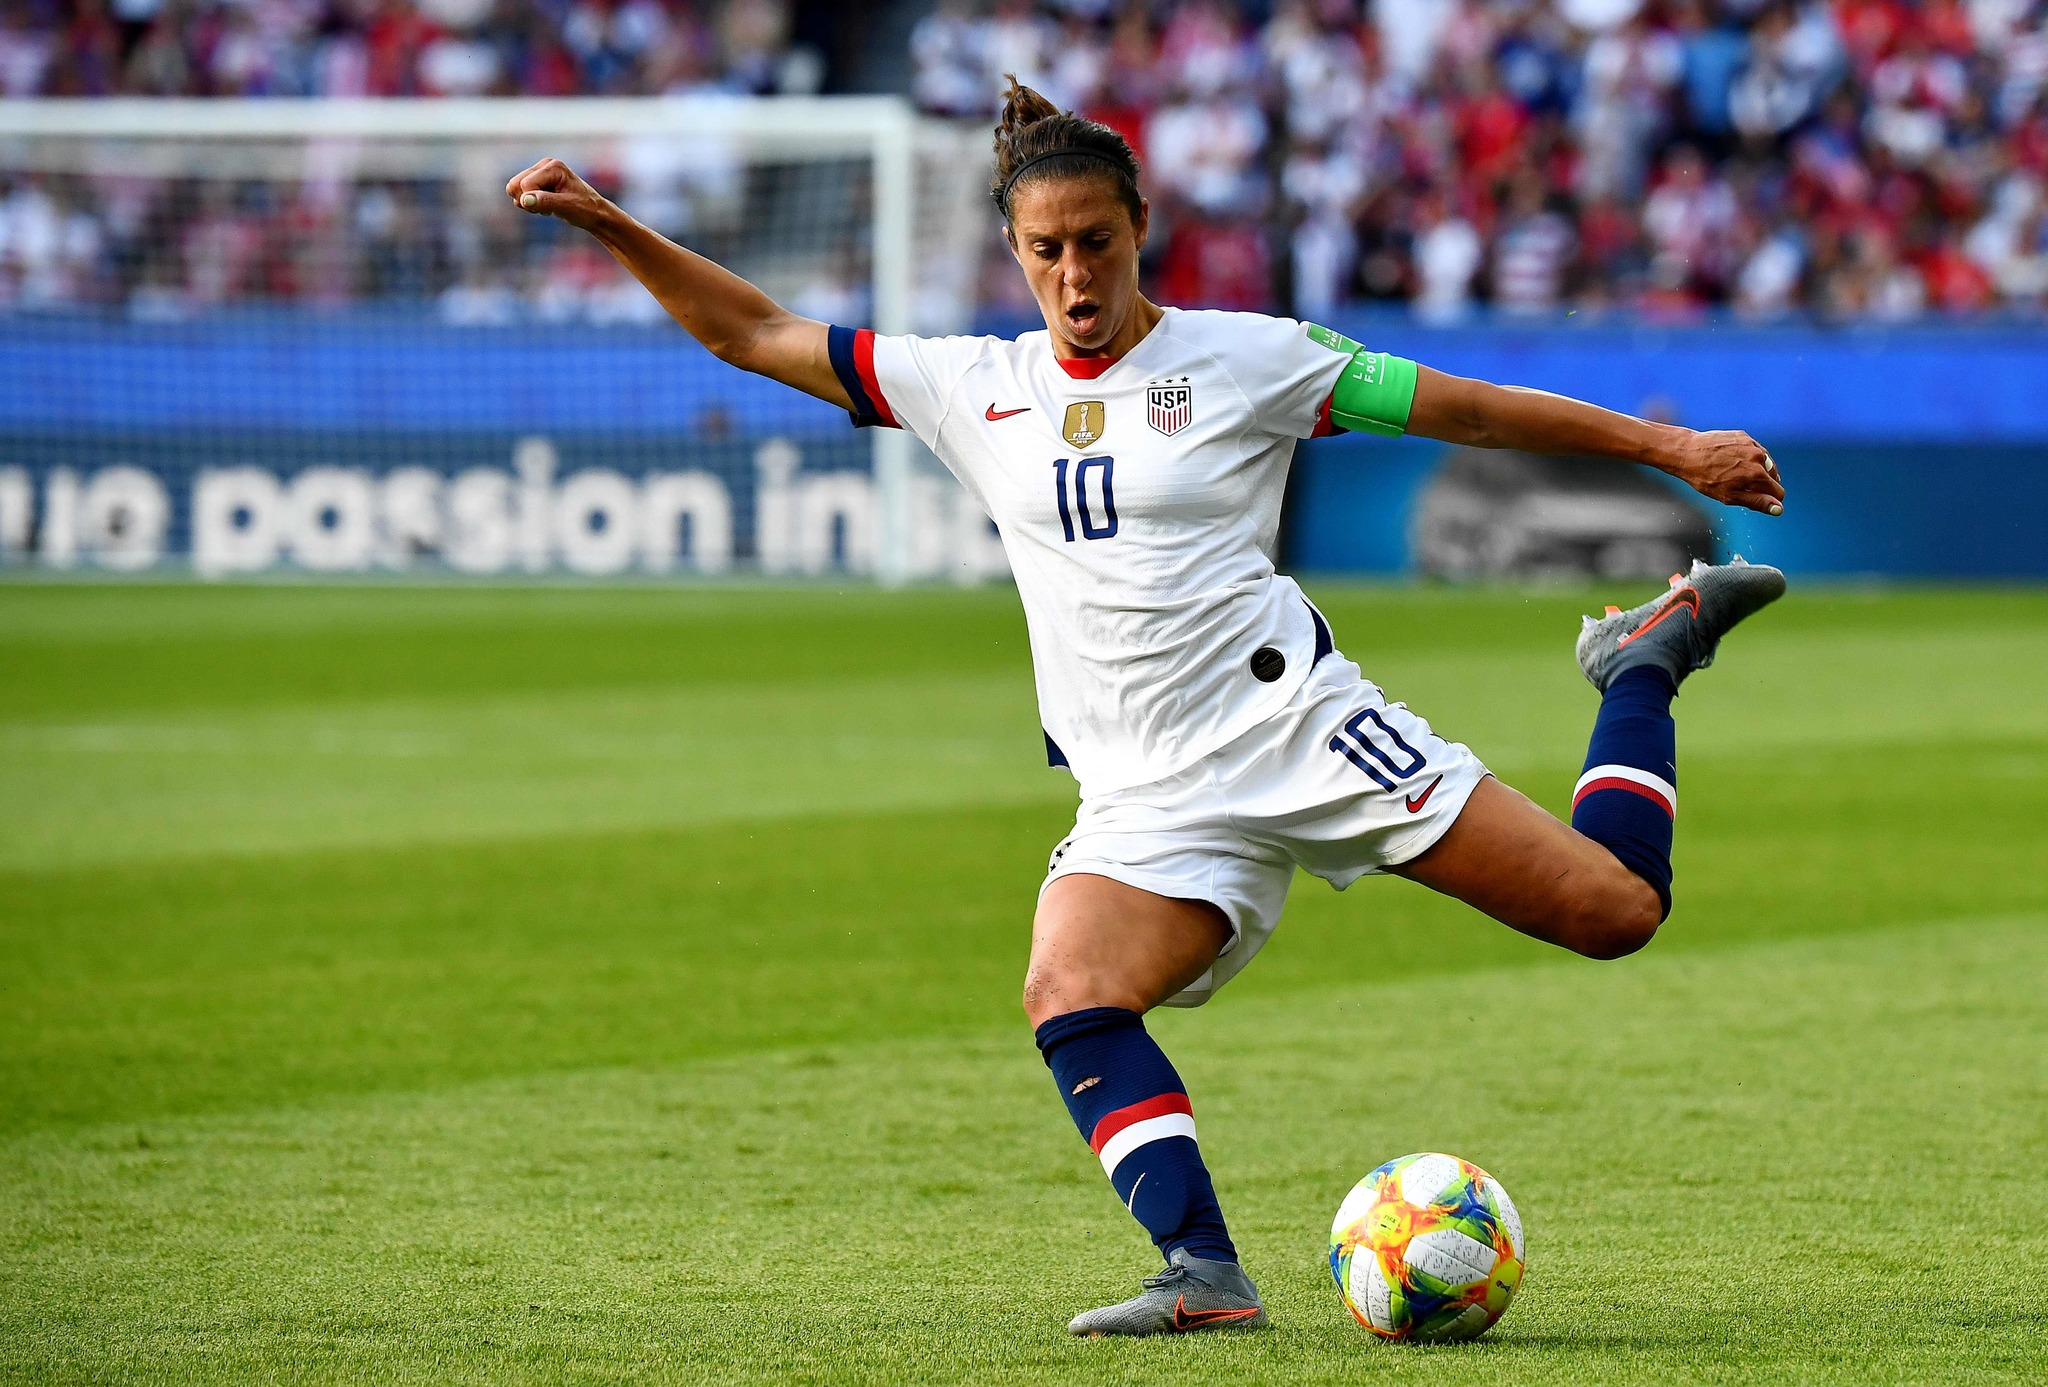 La futbolista Carli Lloyd jugando con la selección de Estados Unidos